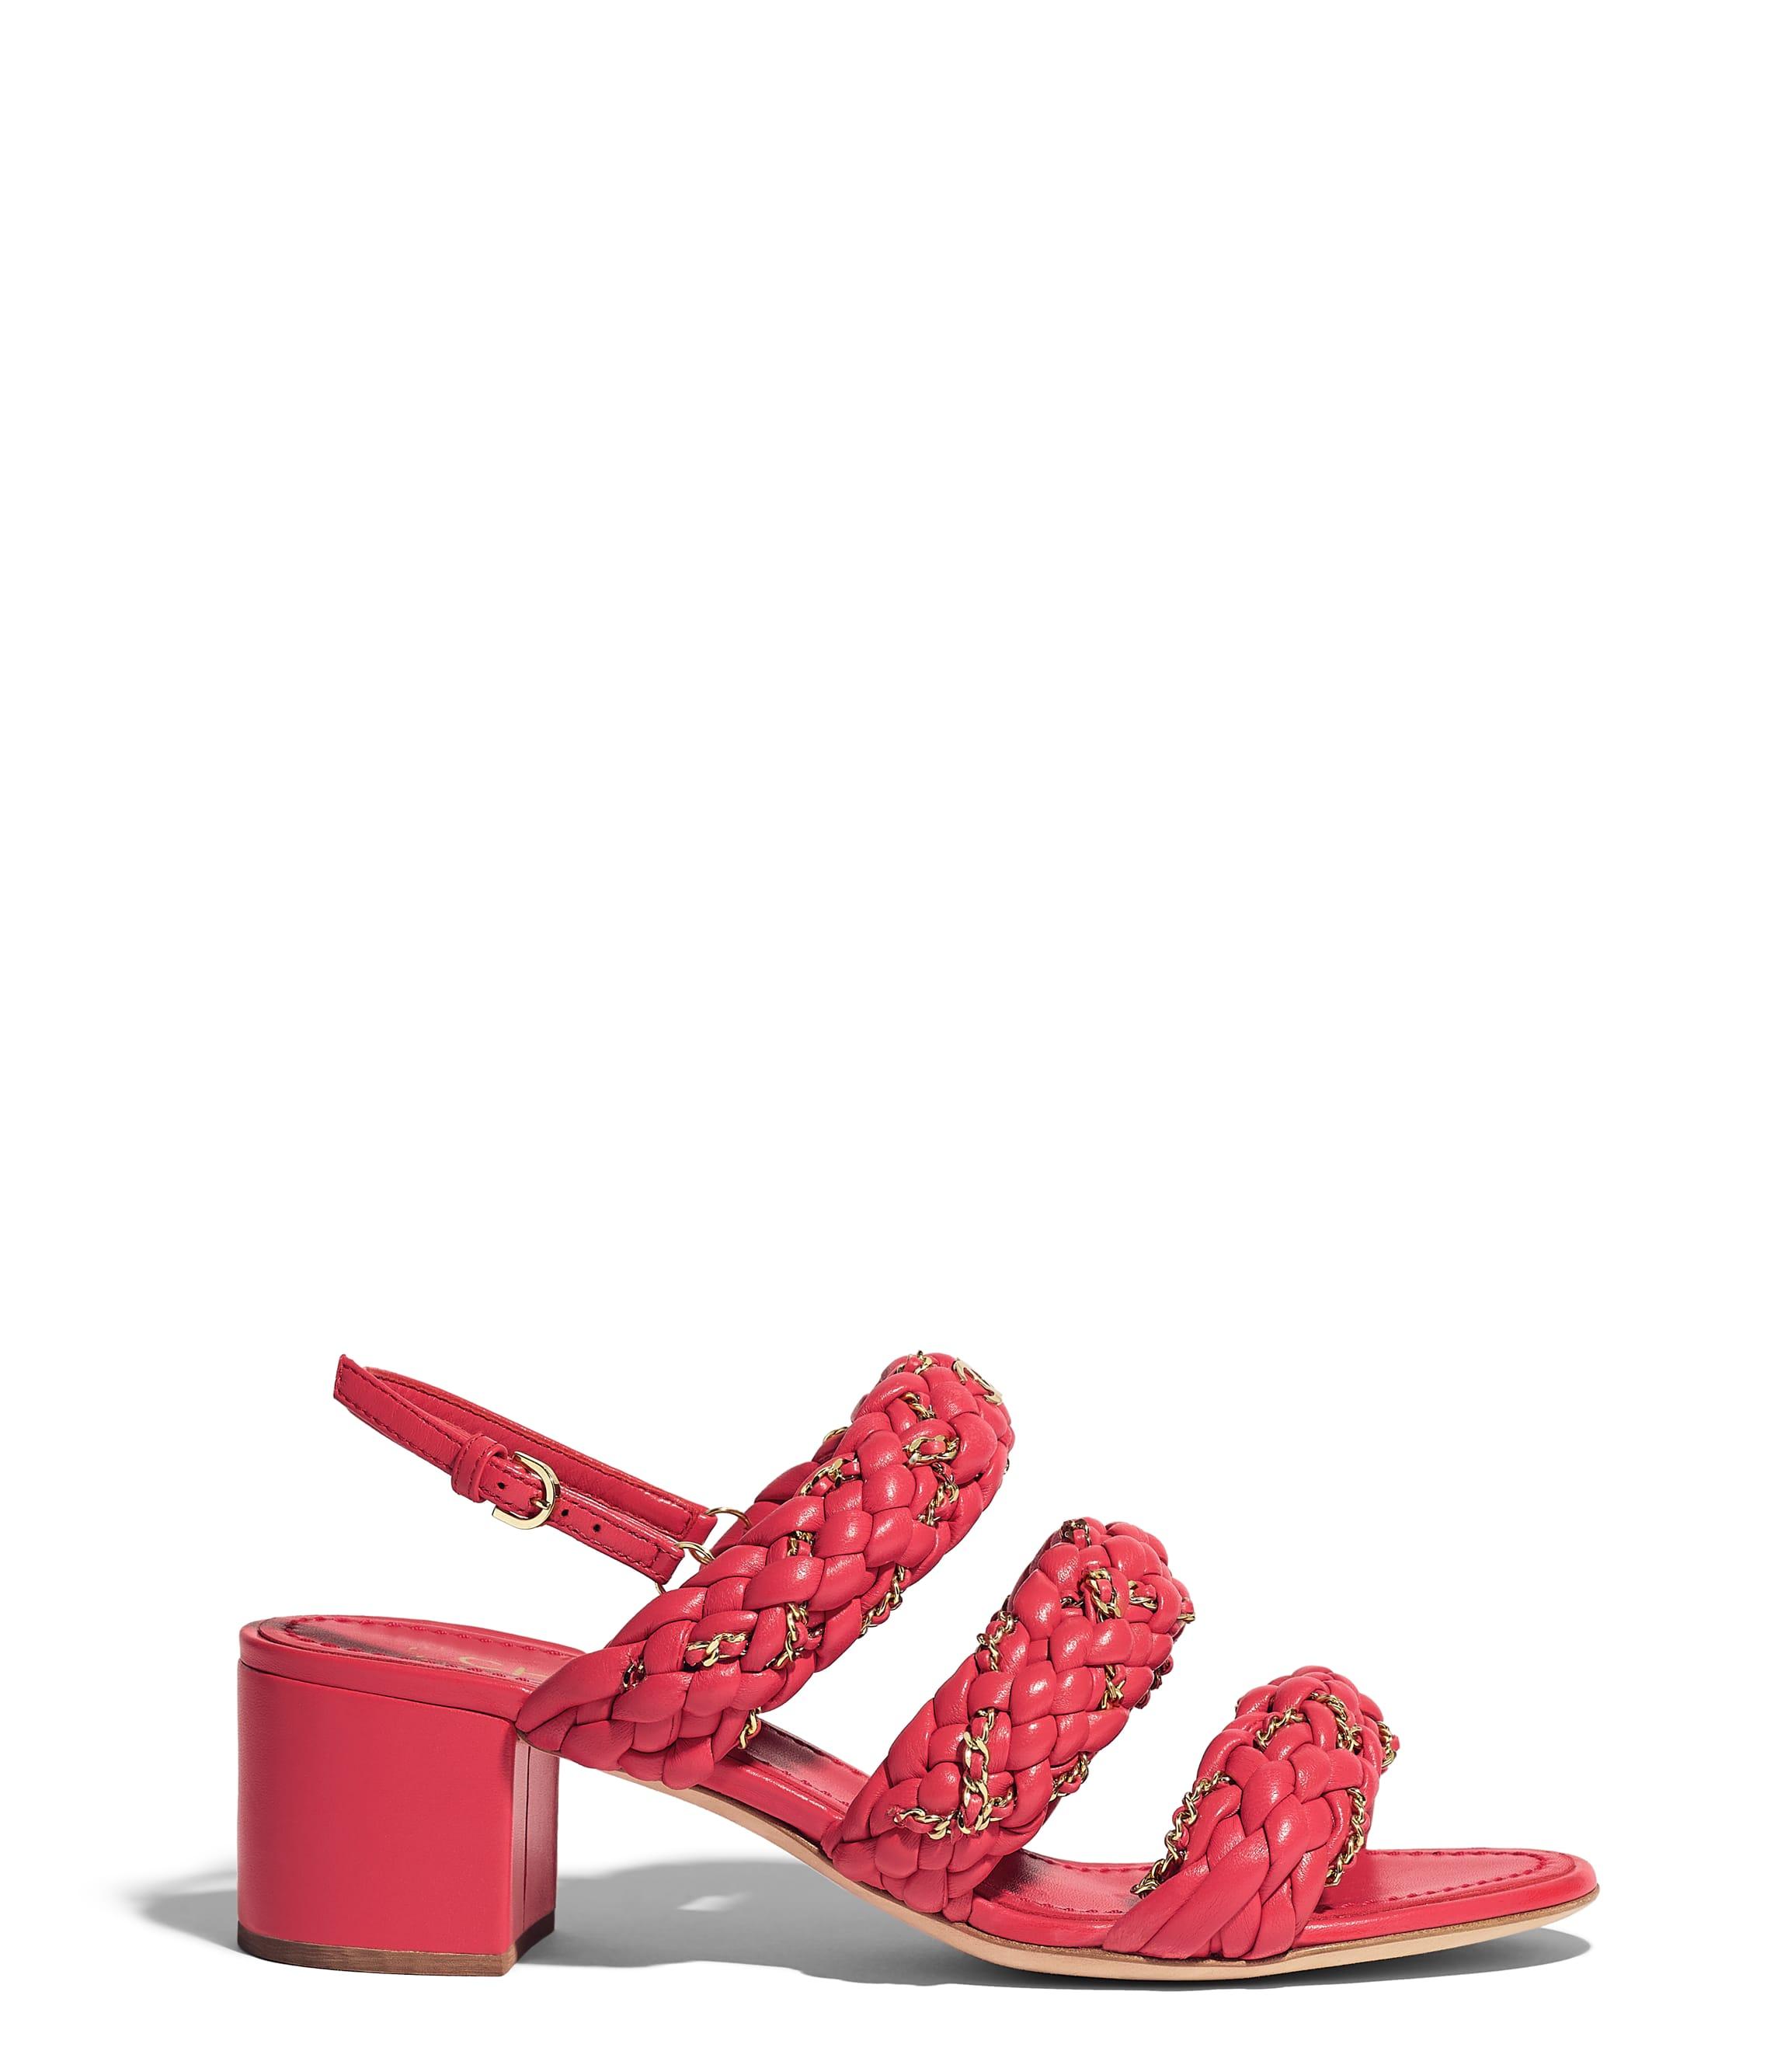 8e62c1699 Sandals - Shoes - CHANEL